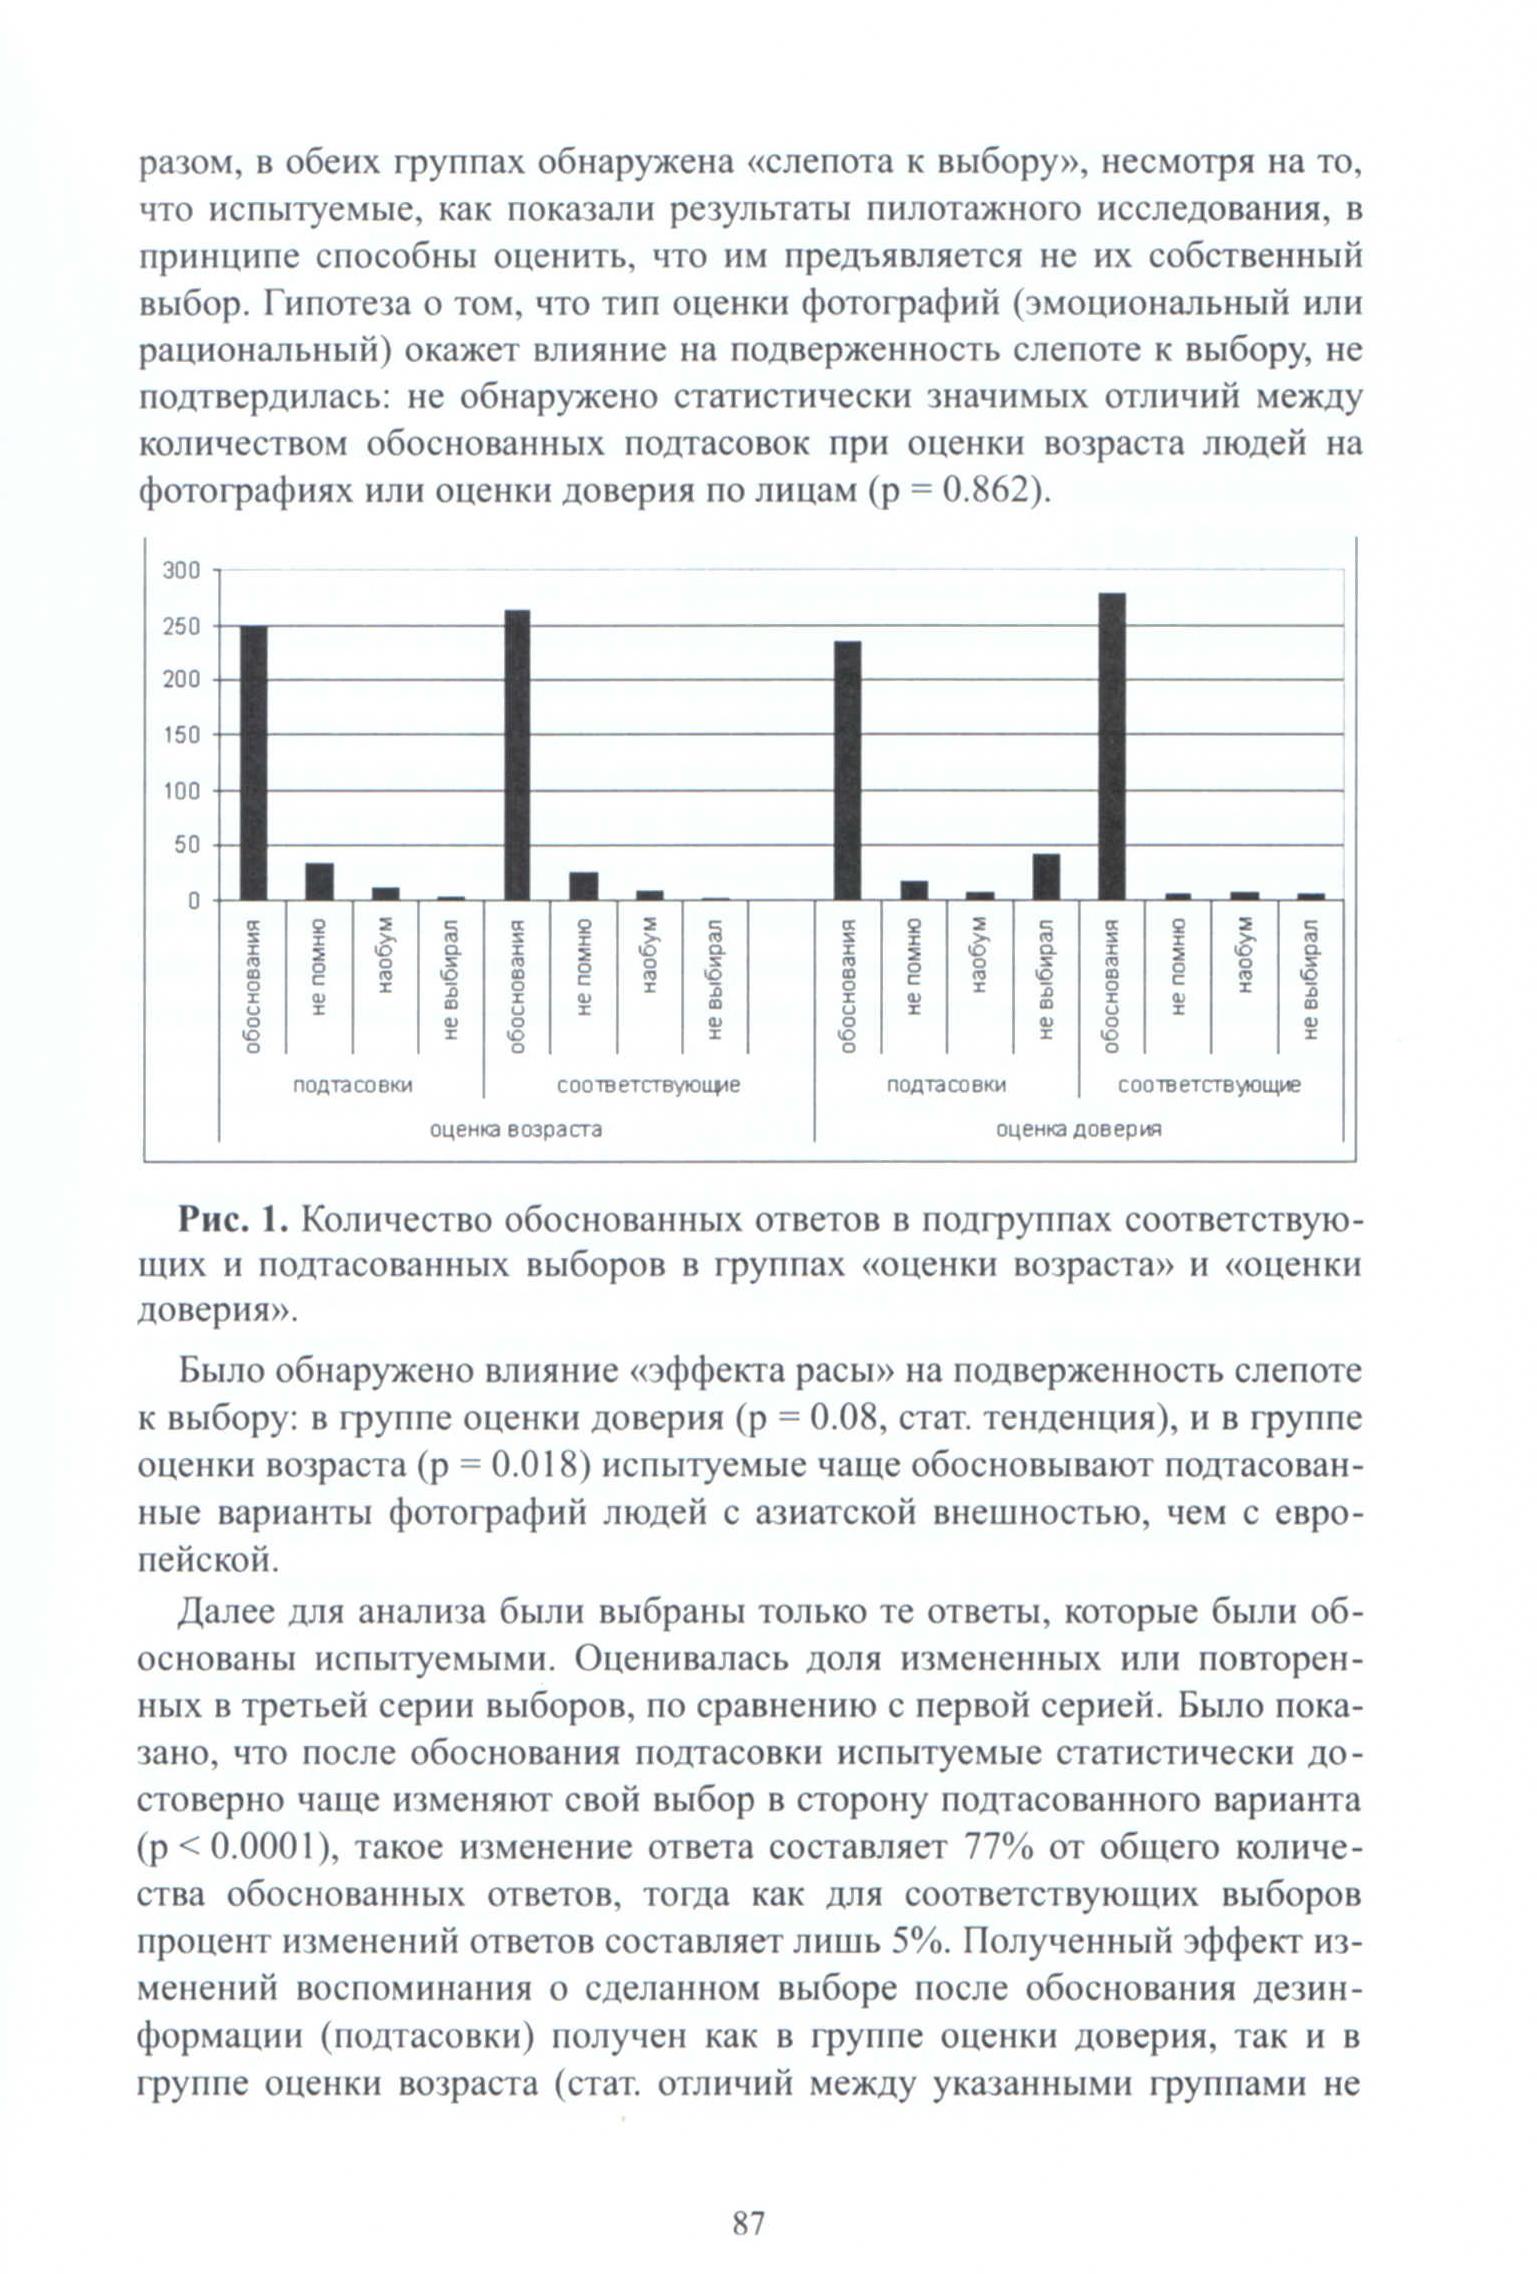 тезисы Гершкович_Савиных (1)-5